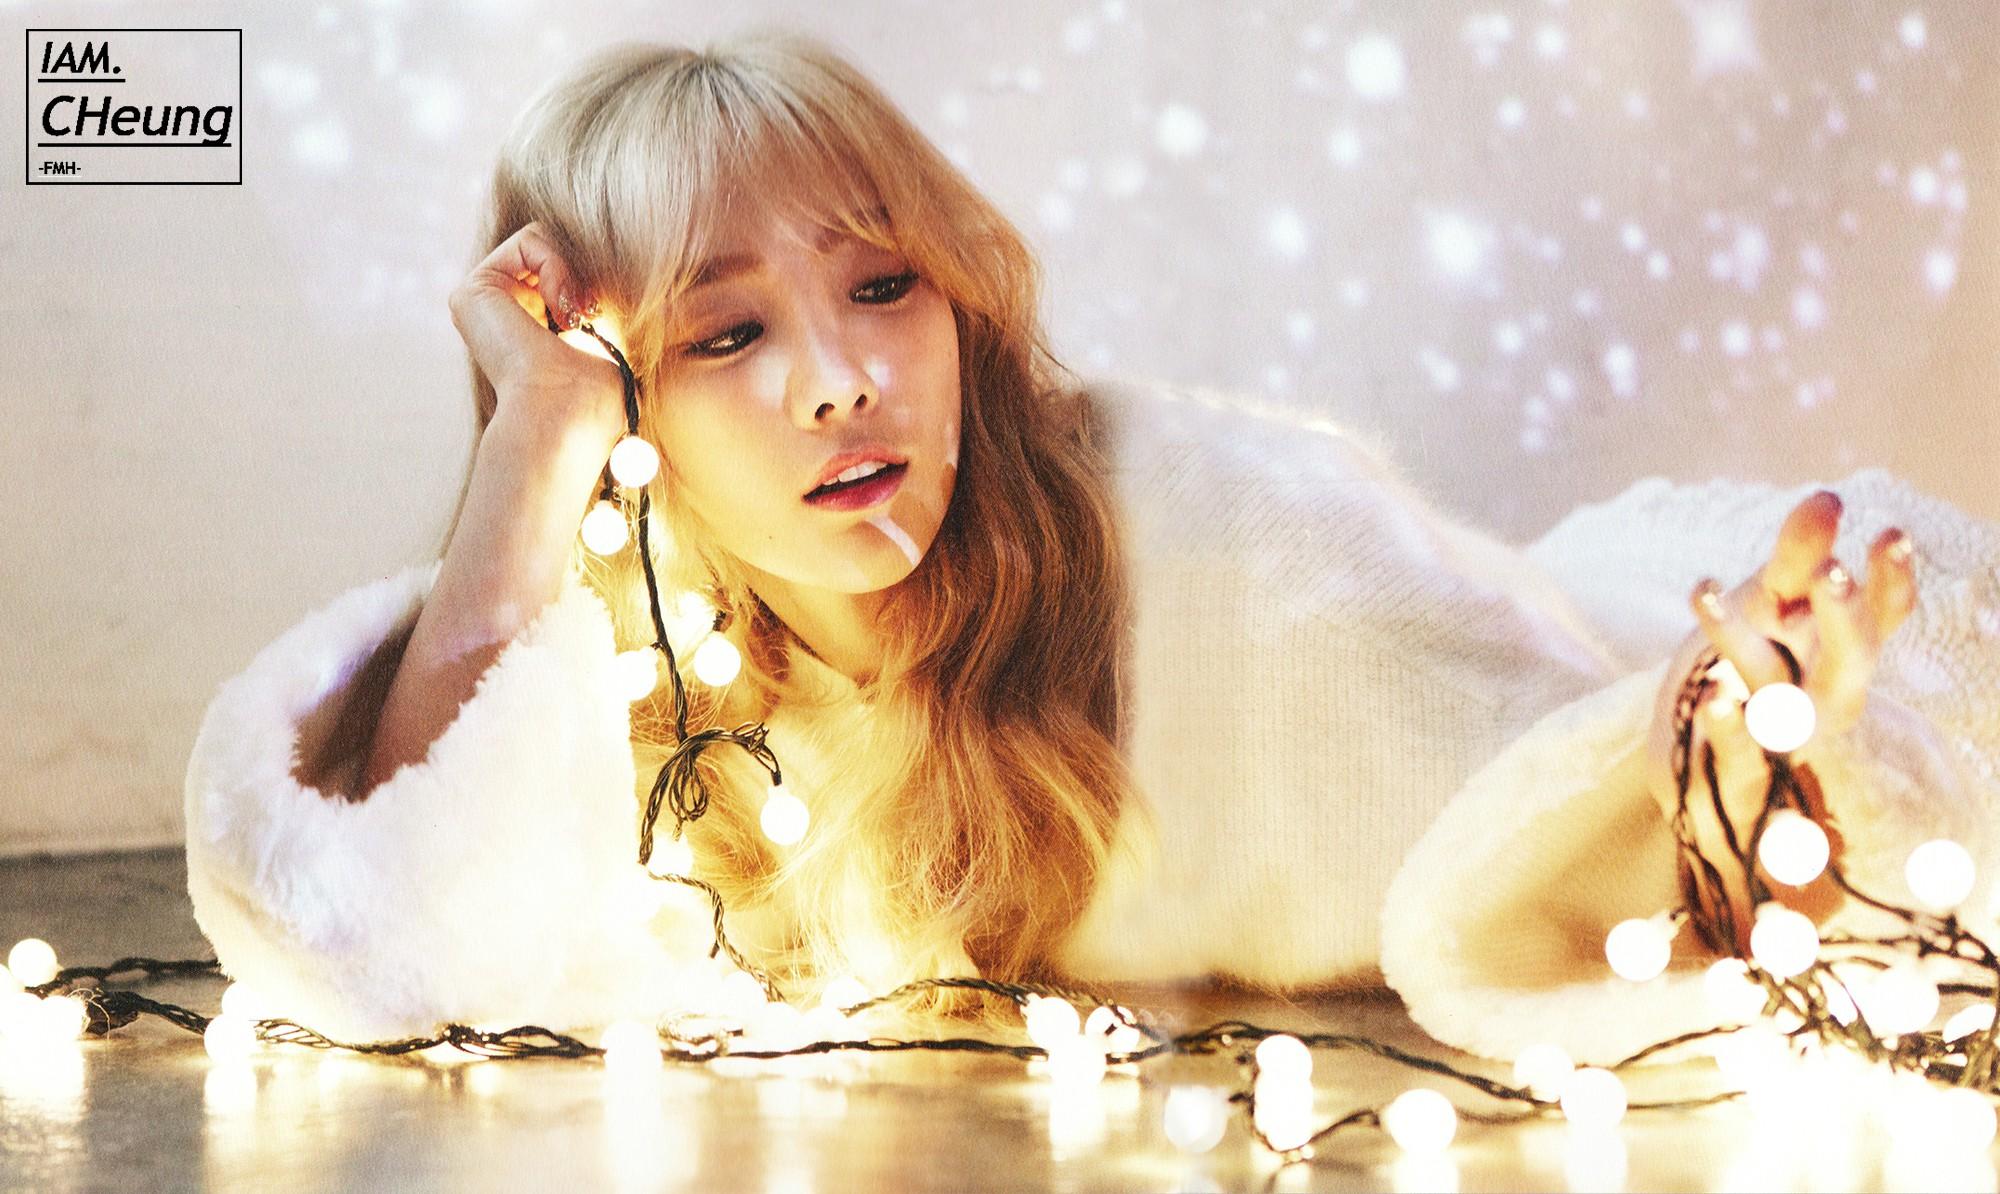 Christmas Letter Dear Santa Macro Photo Wallpaper Christmas HD 2000x1194